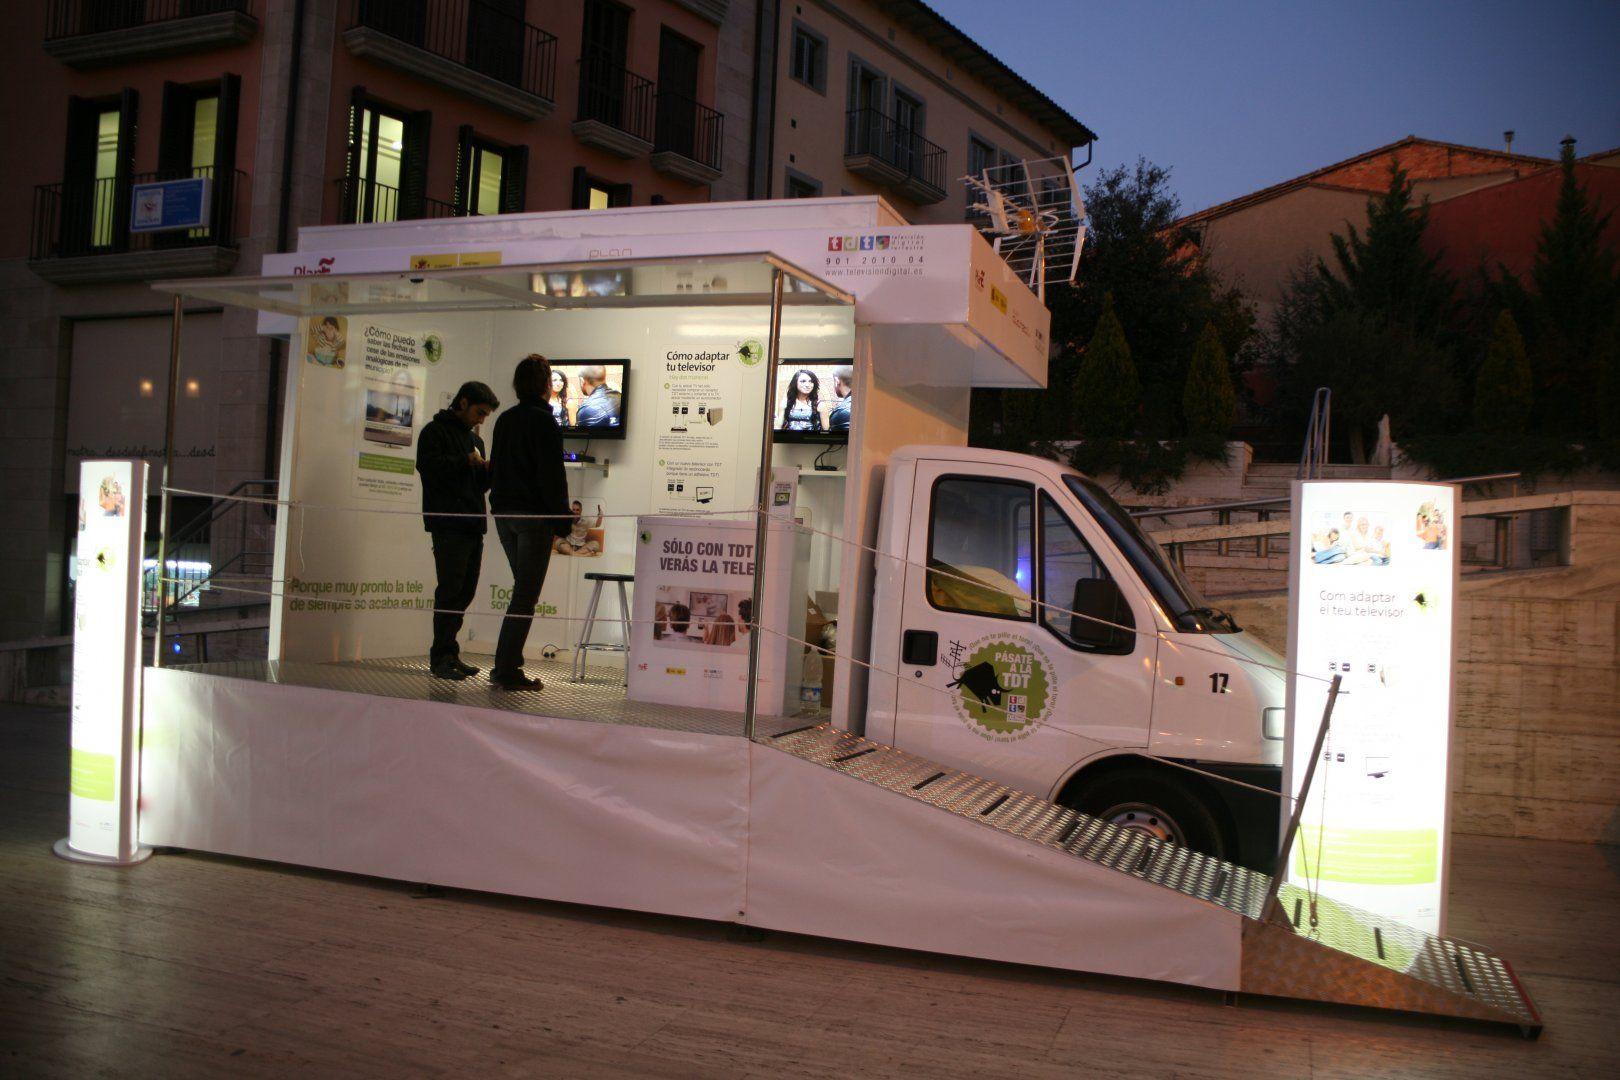 #Vehículo abierto para implantación de la TDT #publicidad #streetmarketing #marketing #movilbus